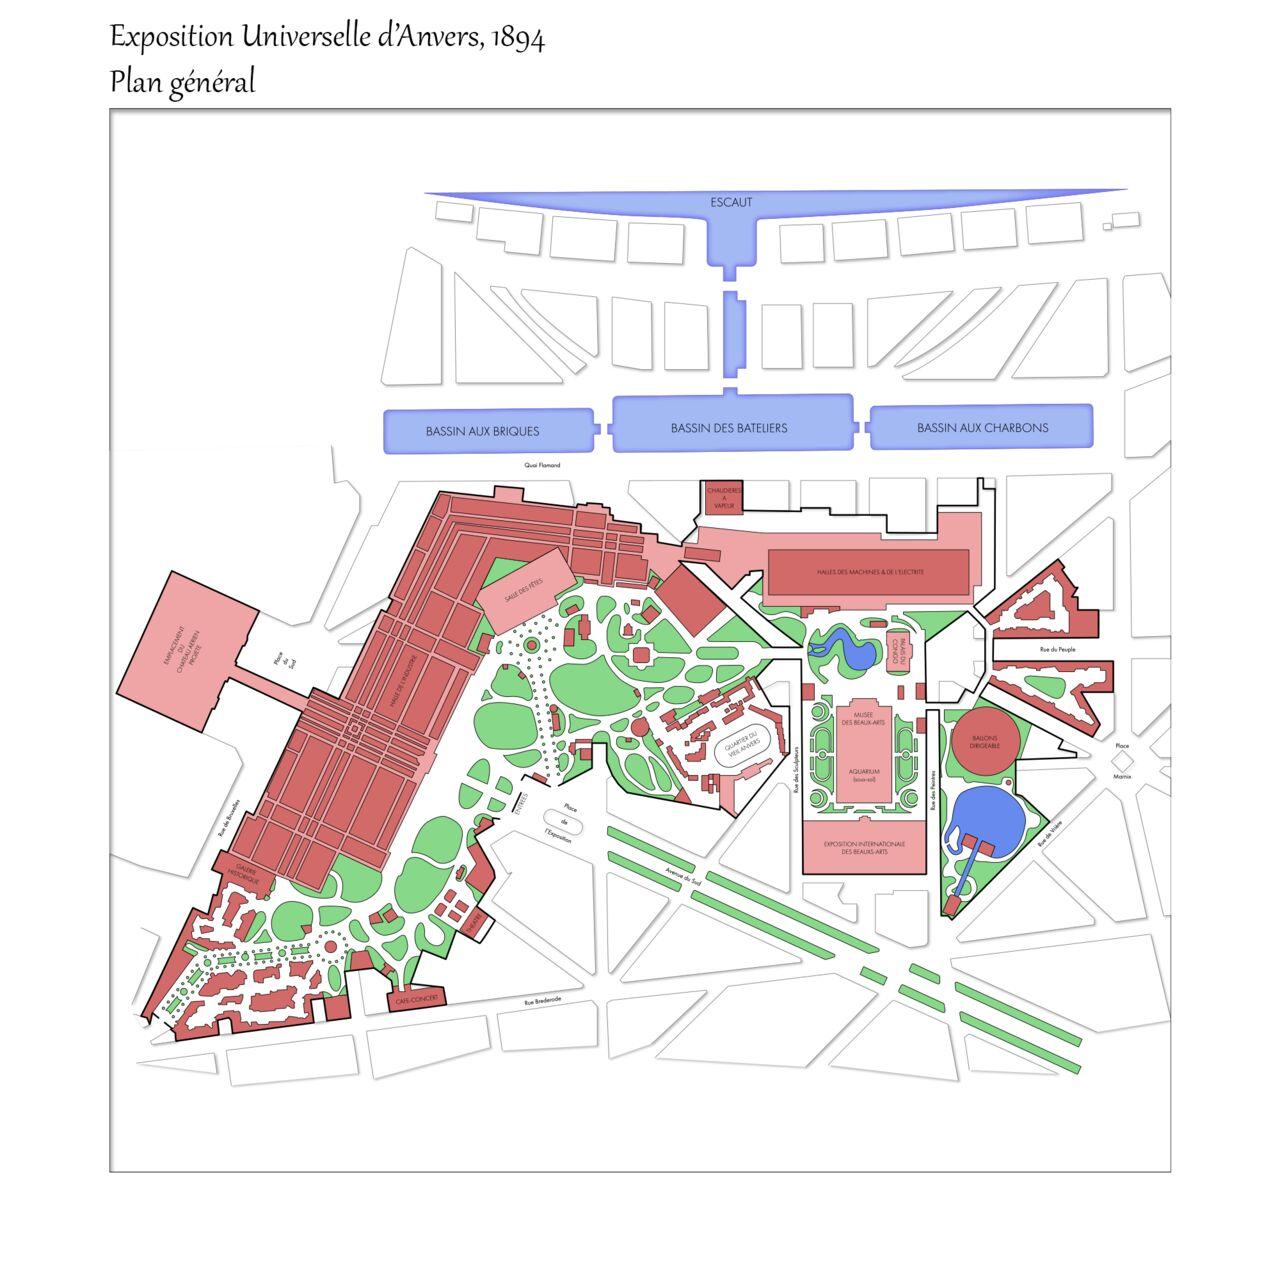 Plan de l'exposition universelle d'Anvers